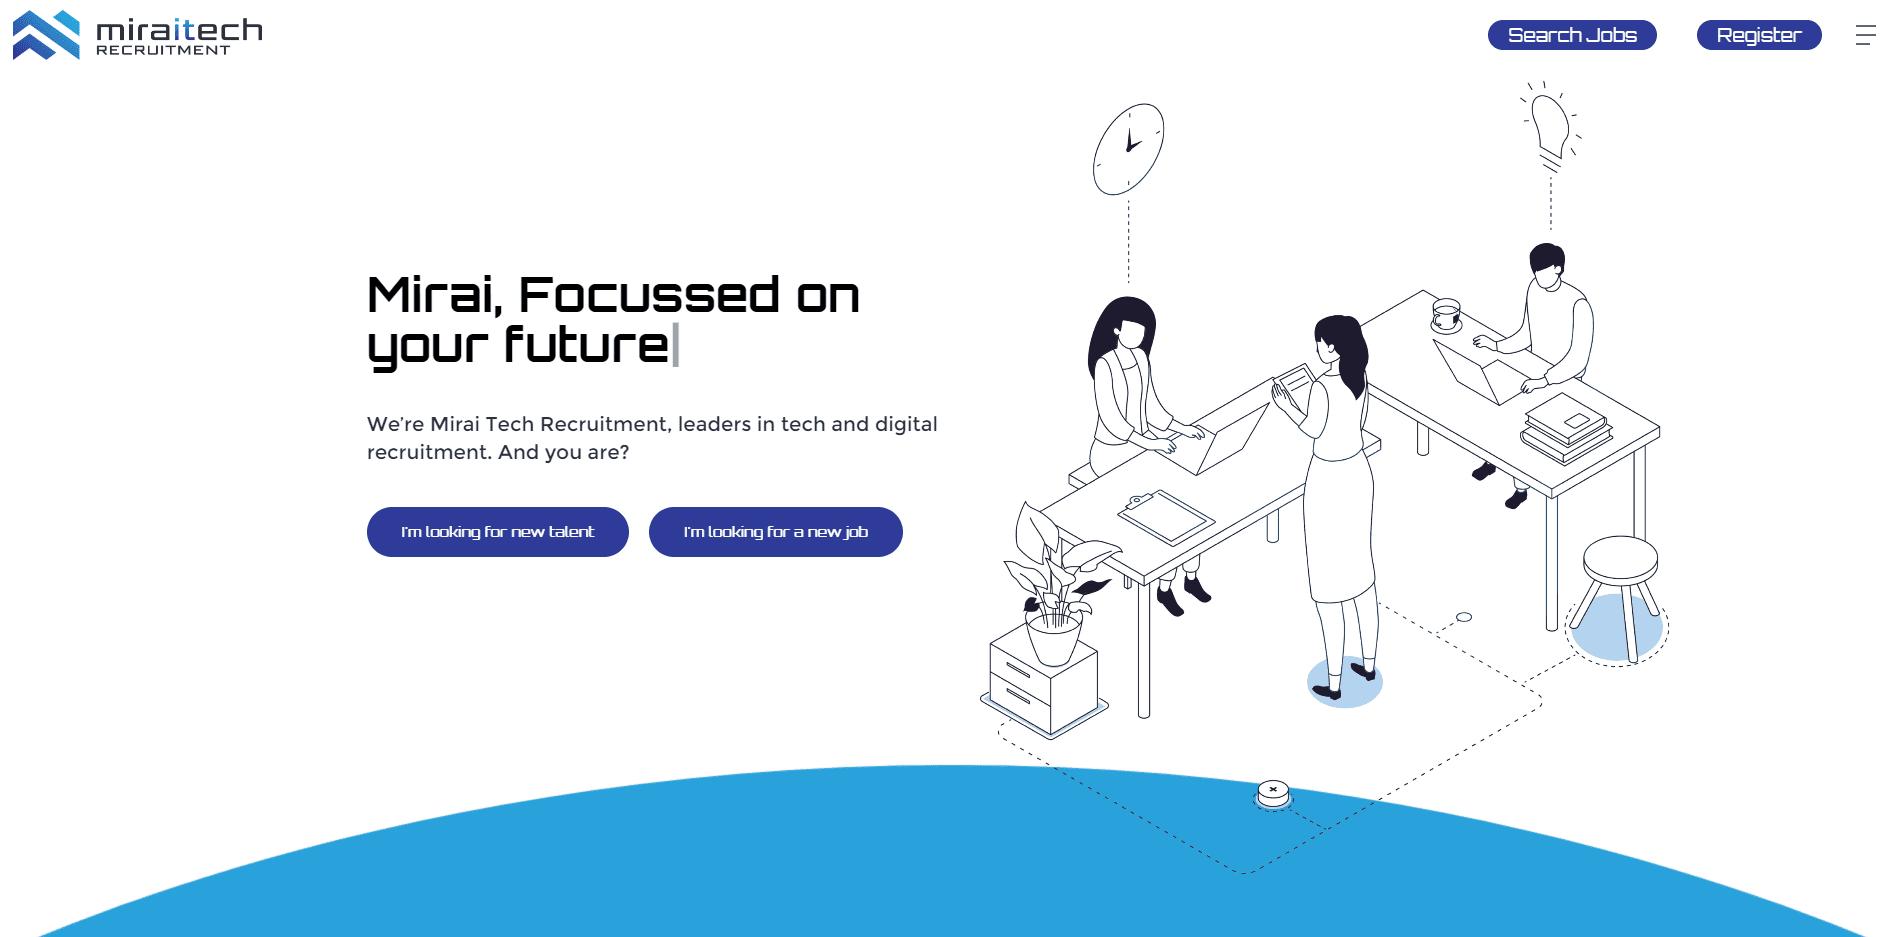 Mirai Tech Recruitment